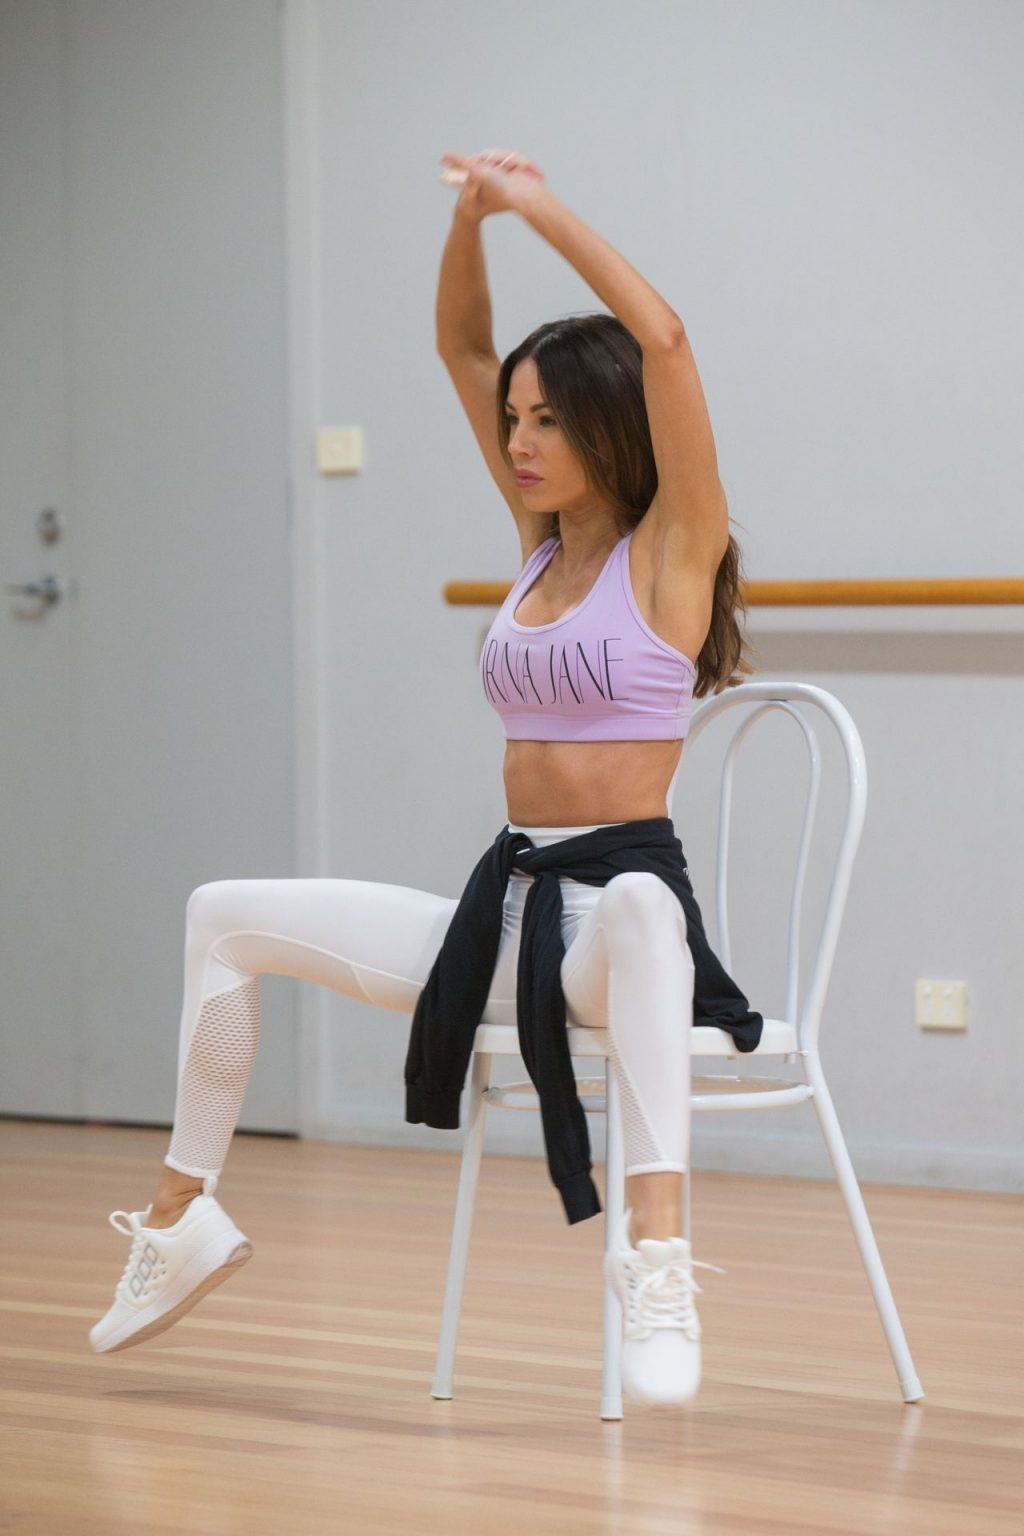 KC Osborne is Seen Practicing Her Dancing at Romina's Dance Studio in Melbourne (94 Photos)